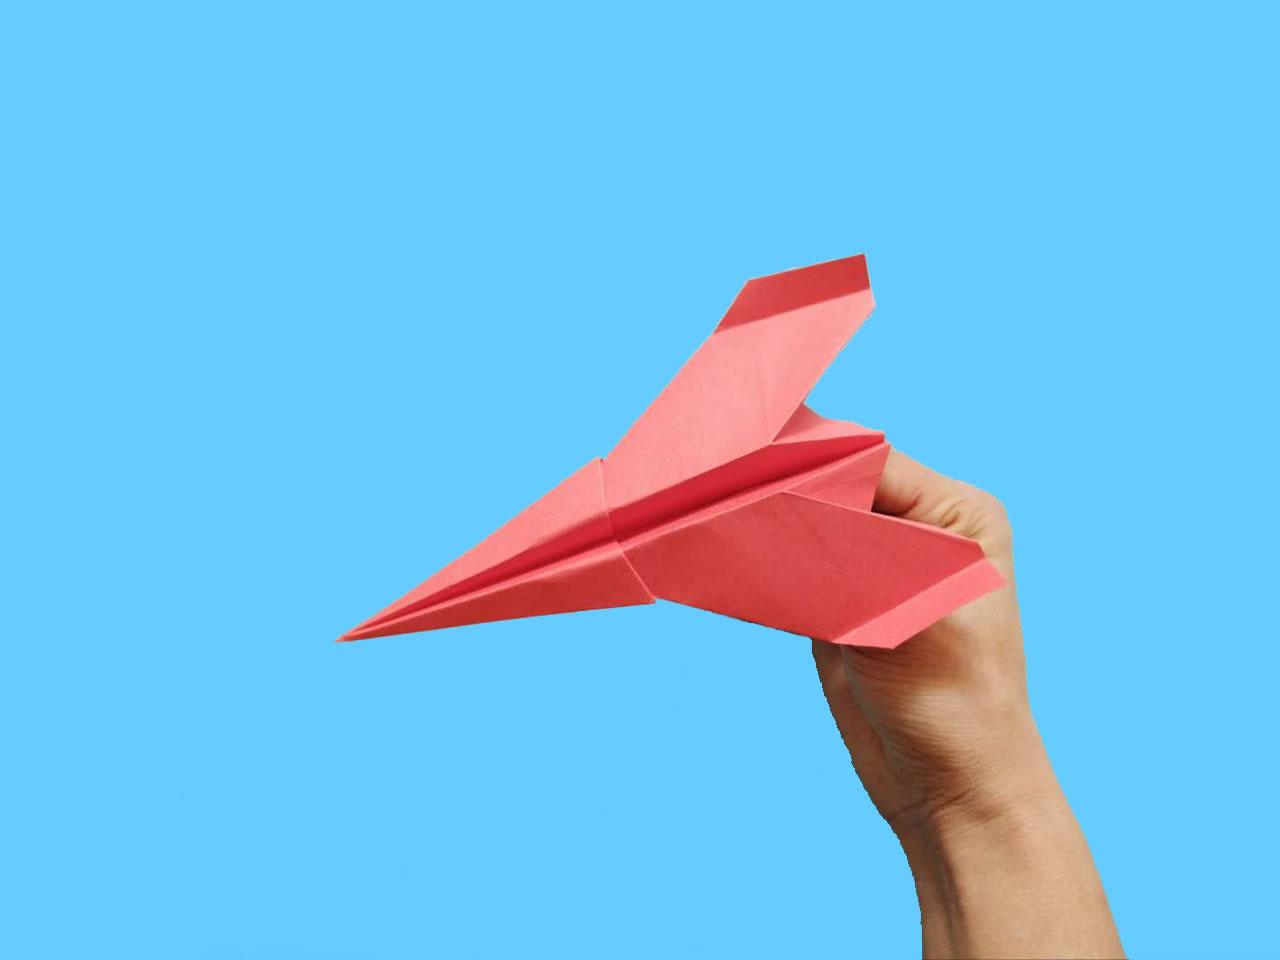 能飞得很远的折纸飞机,简单几步就做好,手工DIY折纸图解教程 家务妙招 第11张